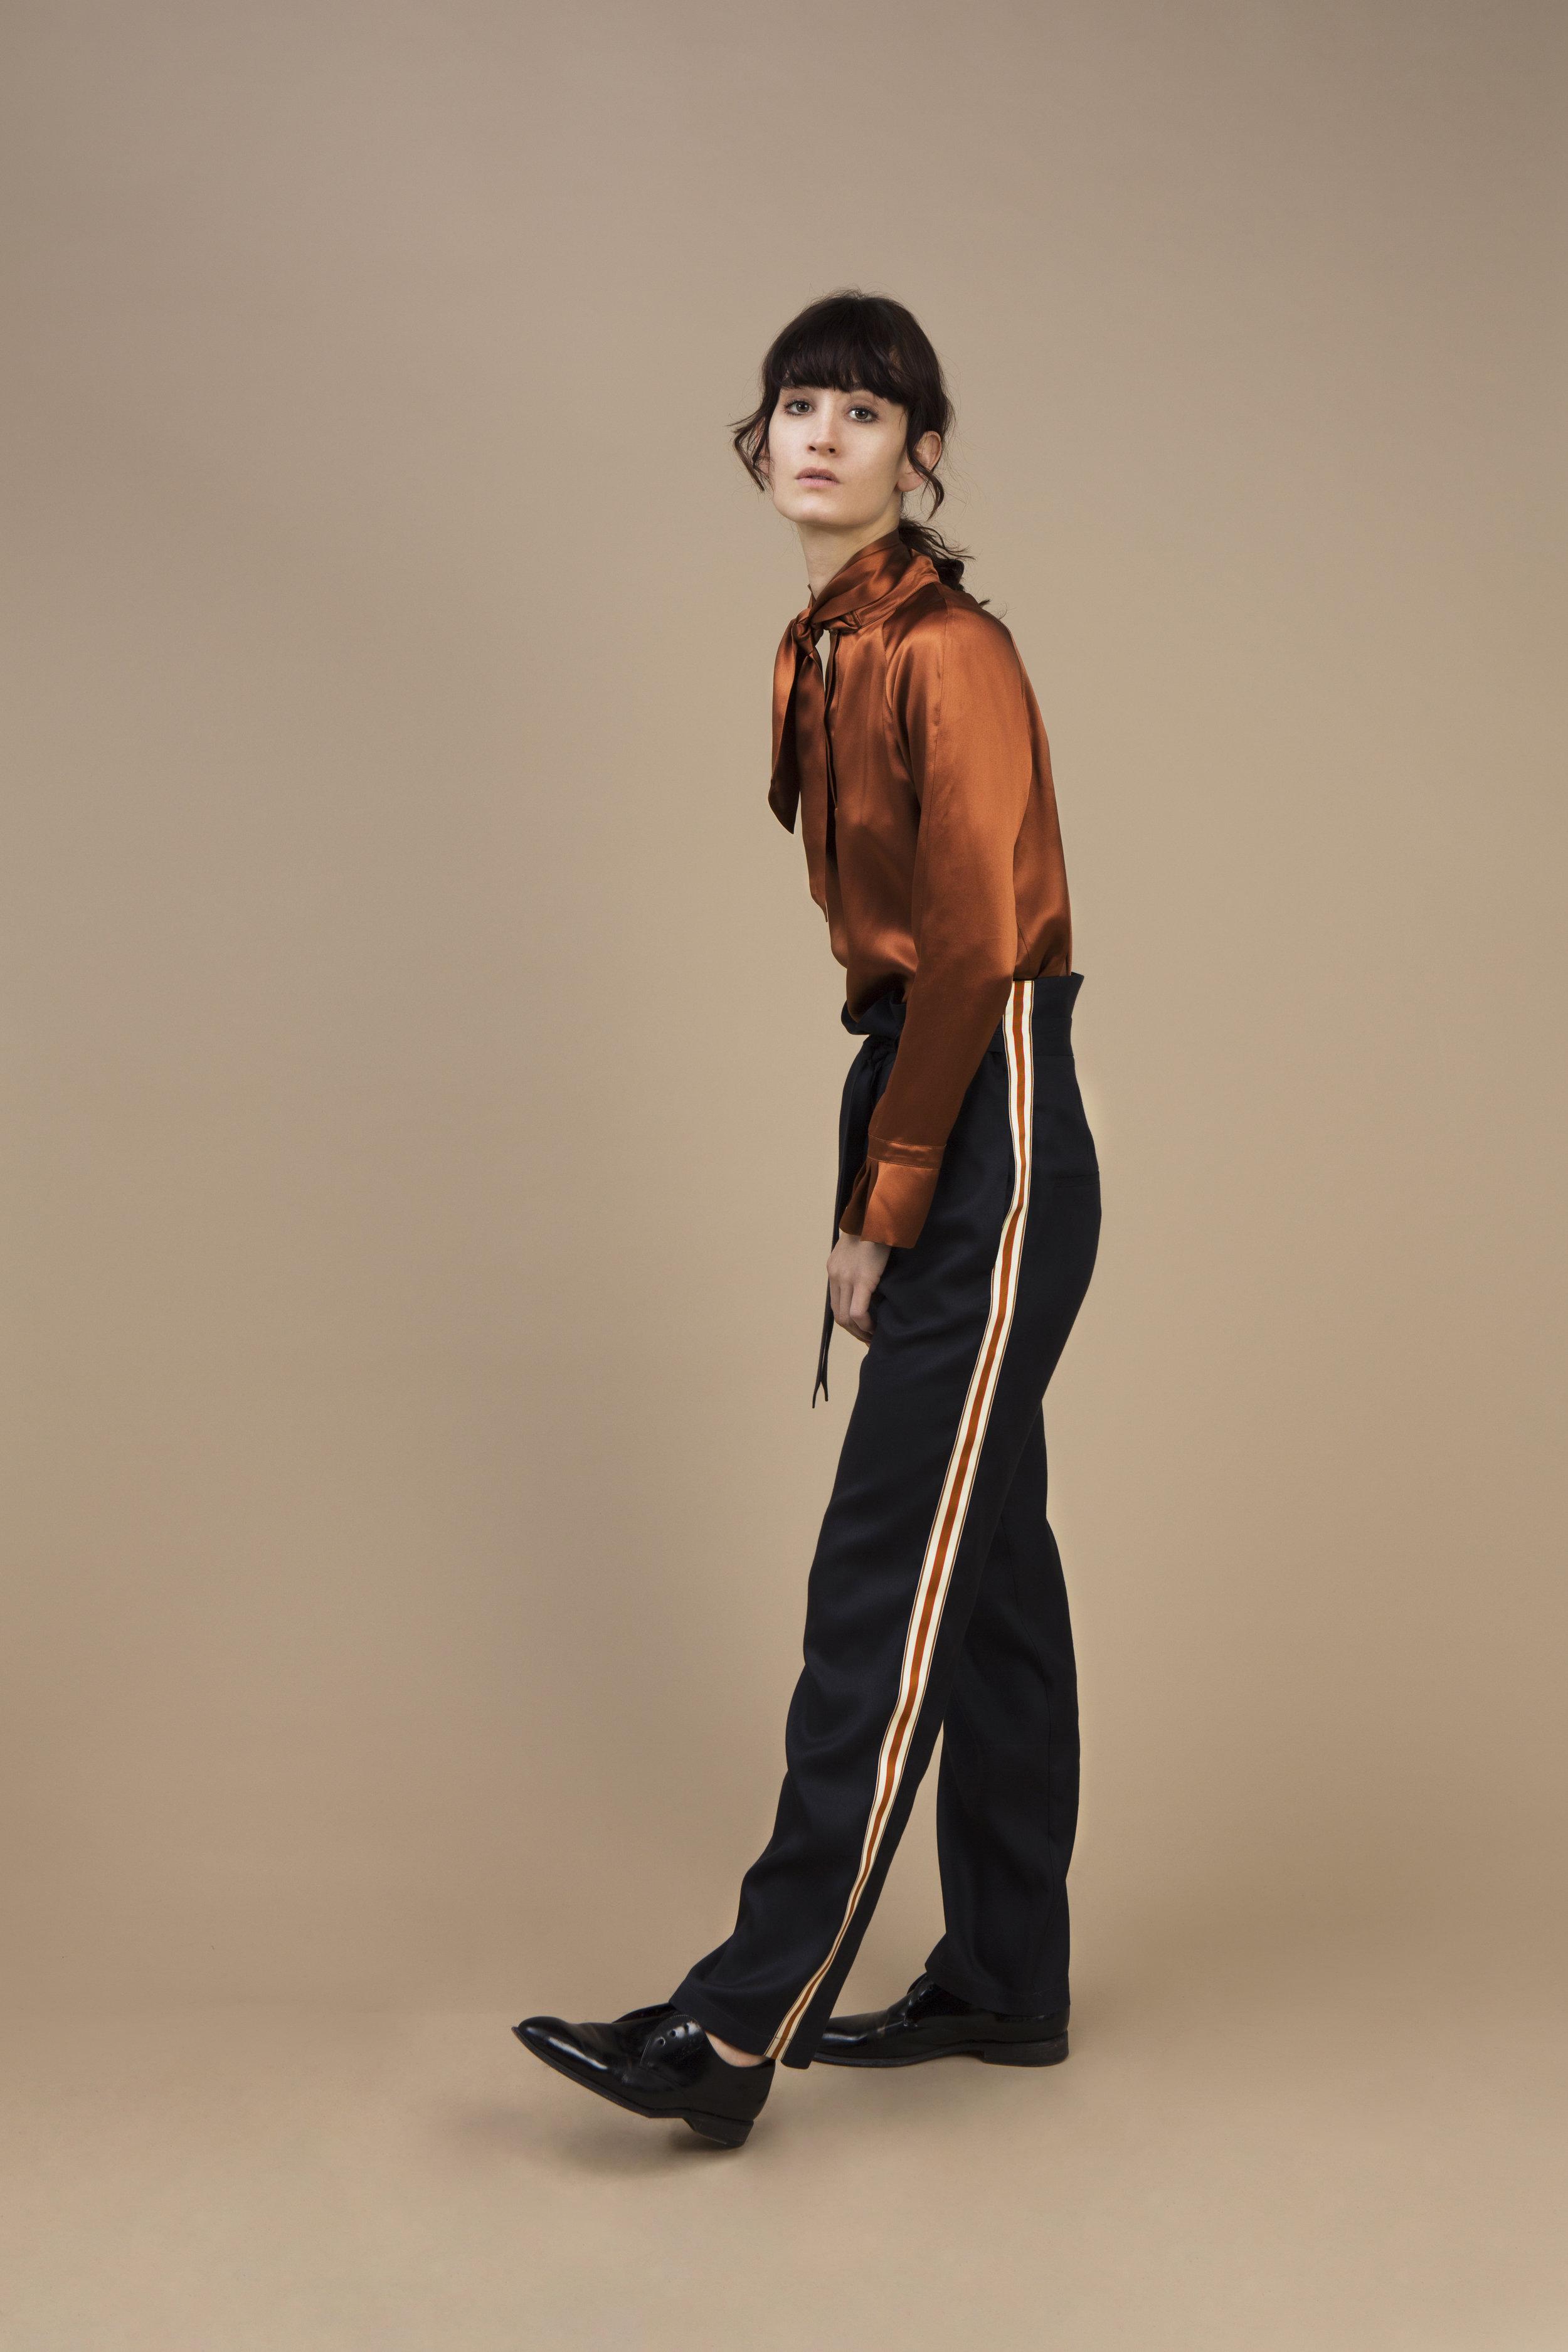 Crepe satin silk Ascot top - amber brown and morrocan crepe silk Highwaist pant — Black